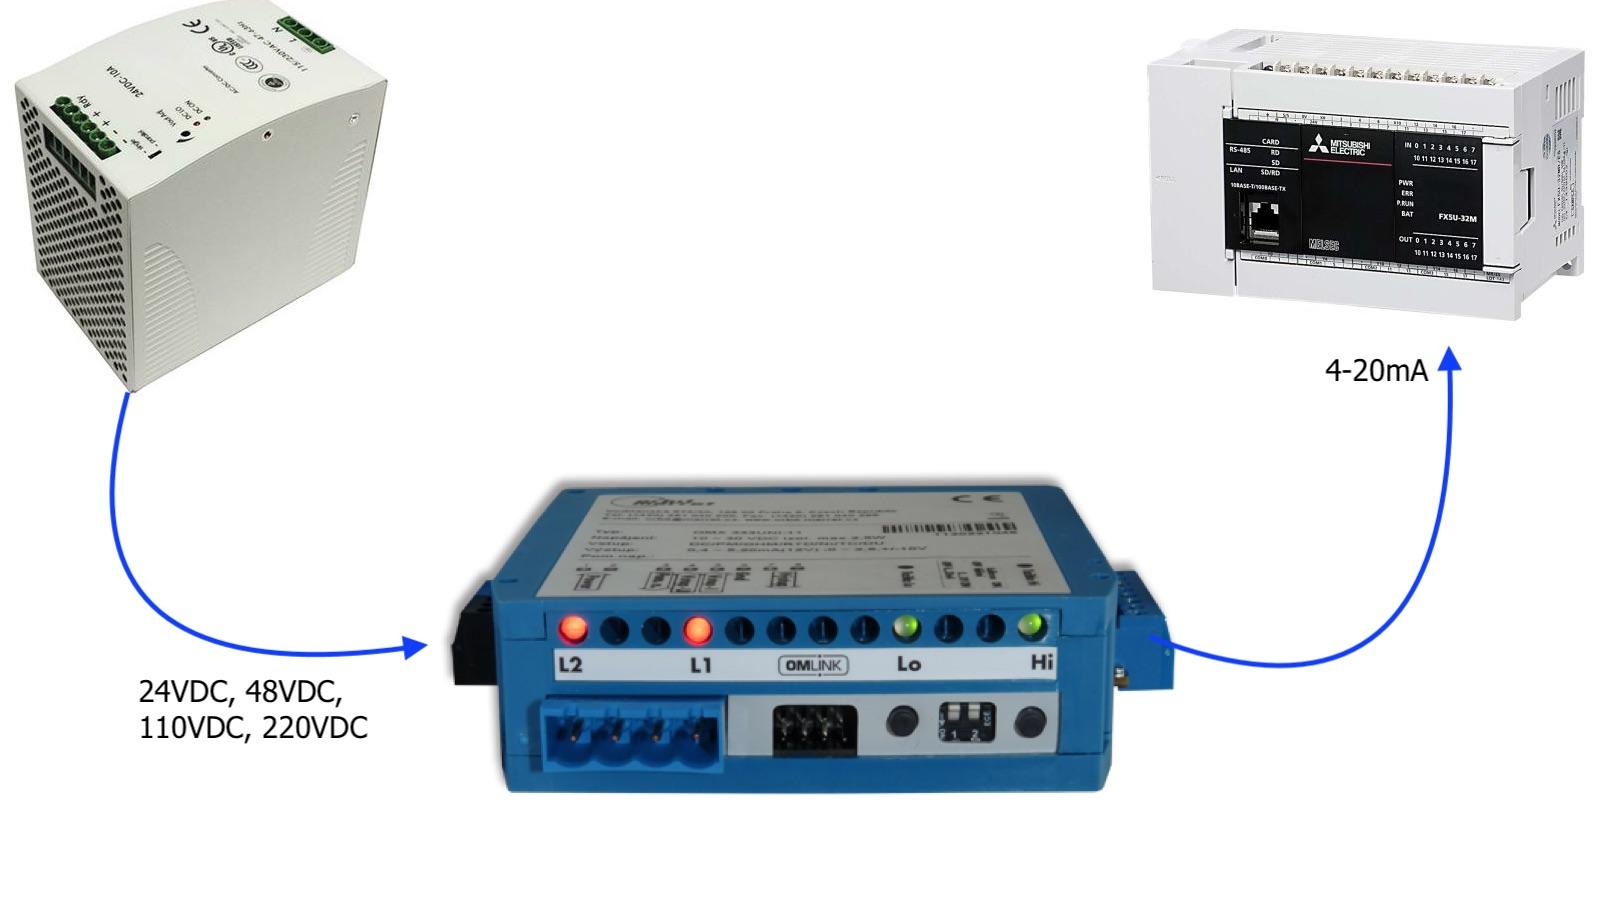 Bộ chuyển tín hiệu 24VDC sang 4-20mA